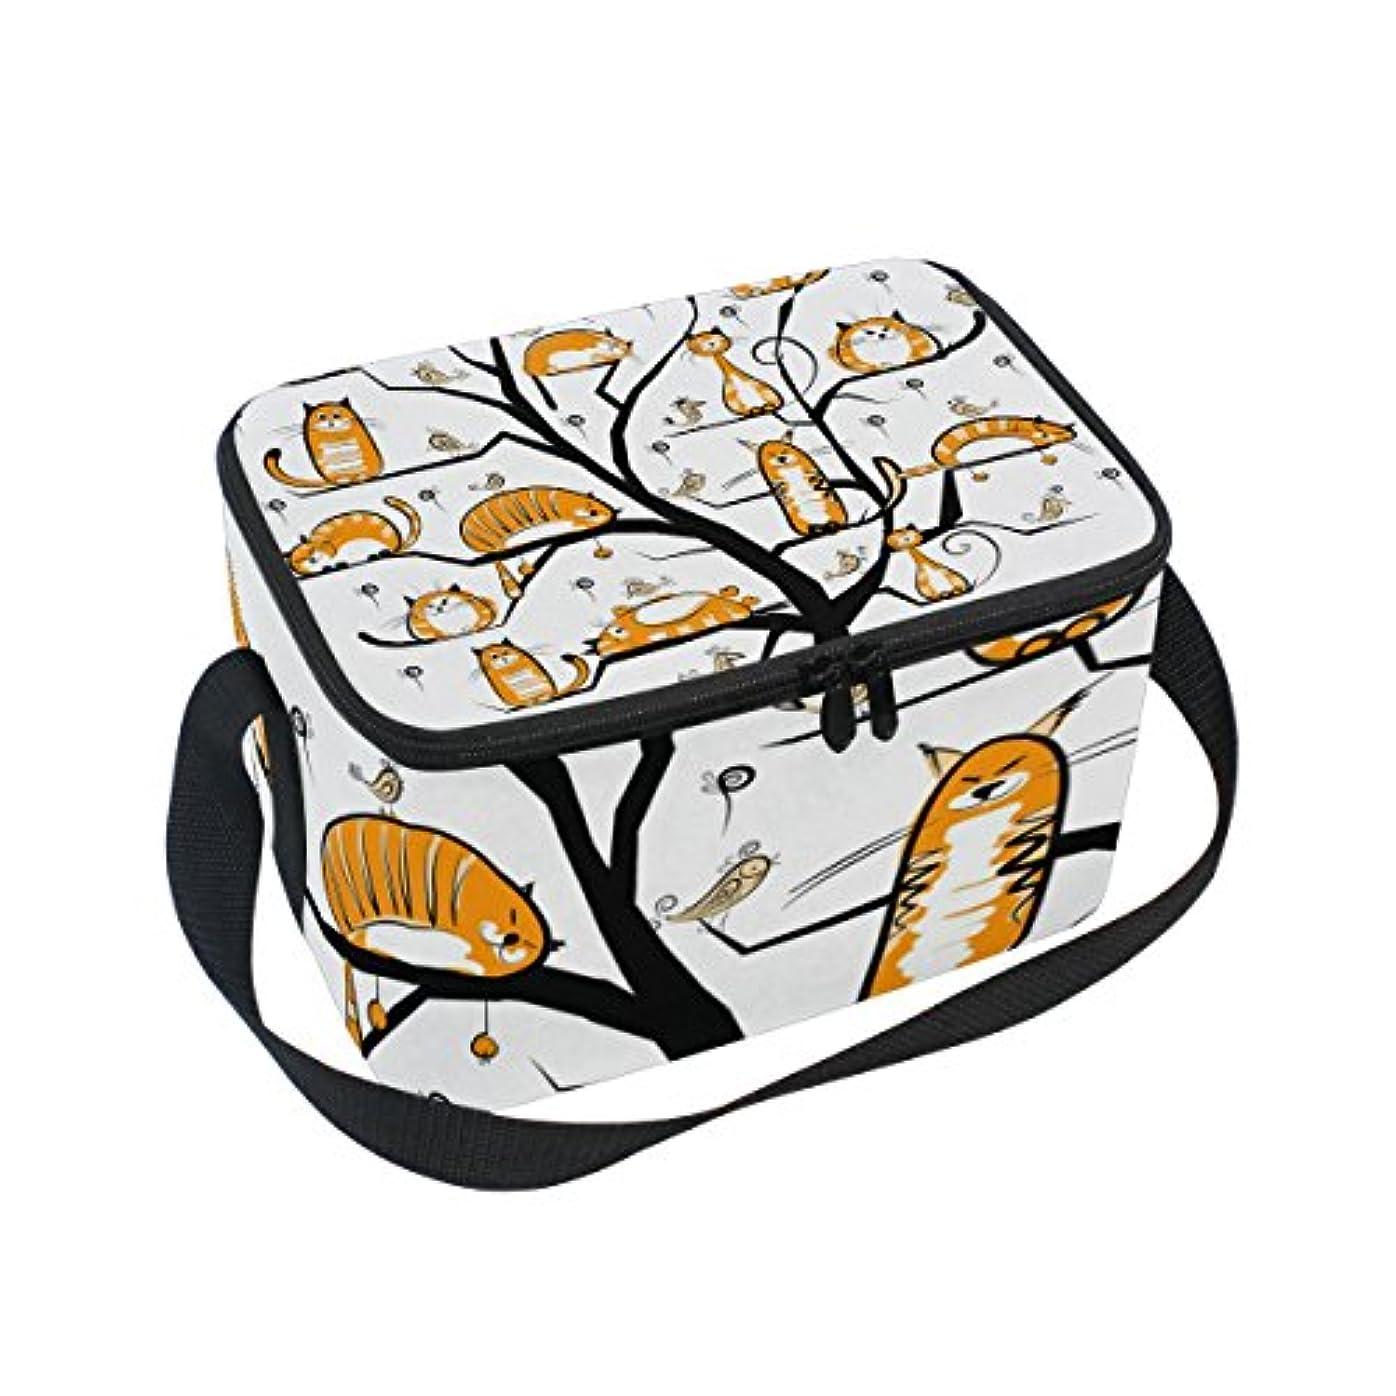 分離キャッチ大学院クーラーバッグ クーラーボックス ソフトクーラ 冷蔵ボックス キャンプ用品  木 猫 保冷保温 大容量 肩掛け お花見 アウトドア